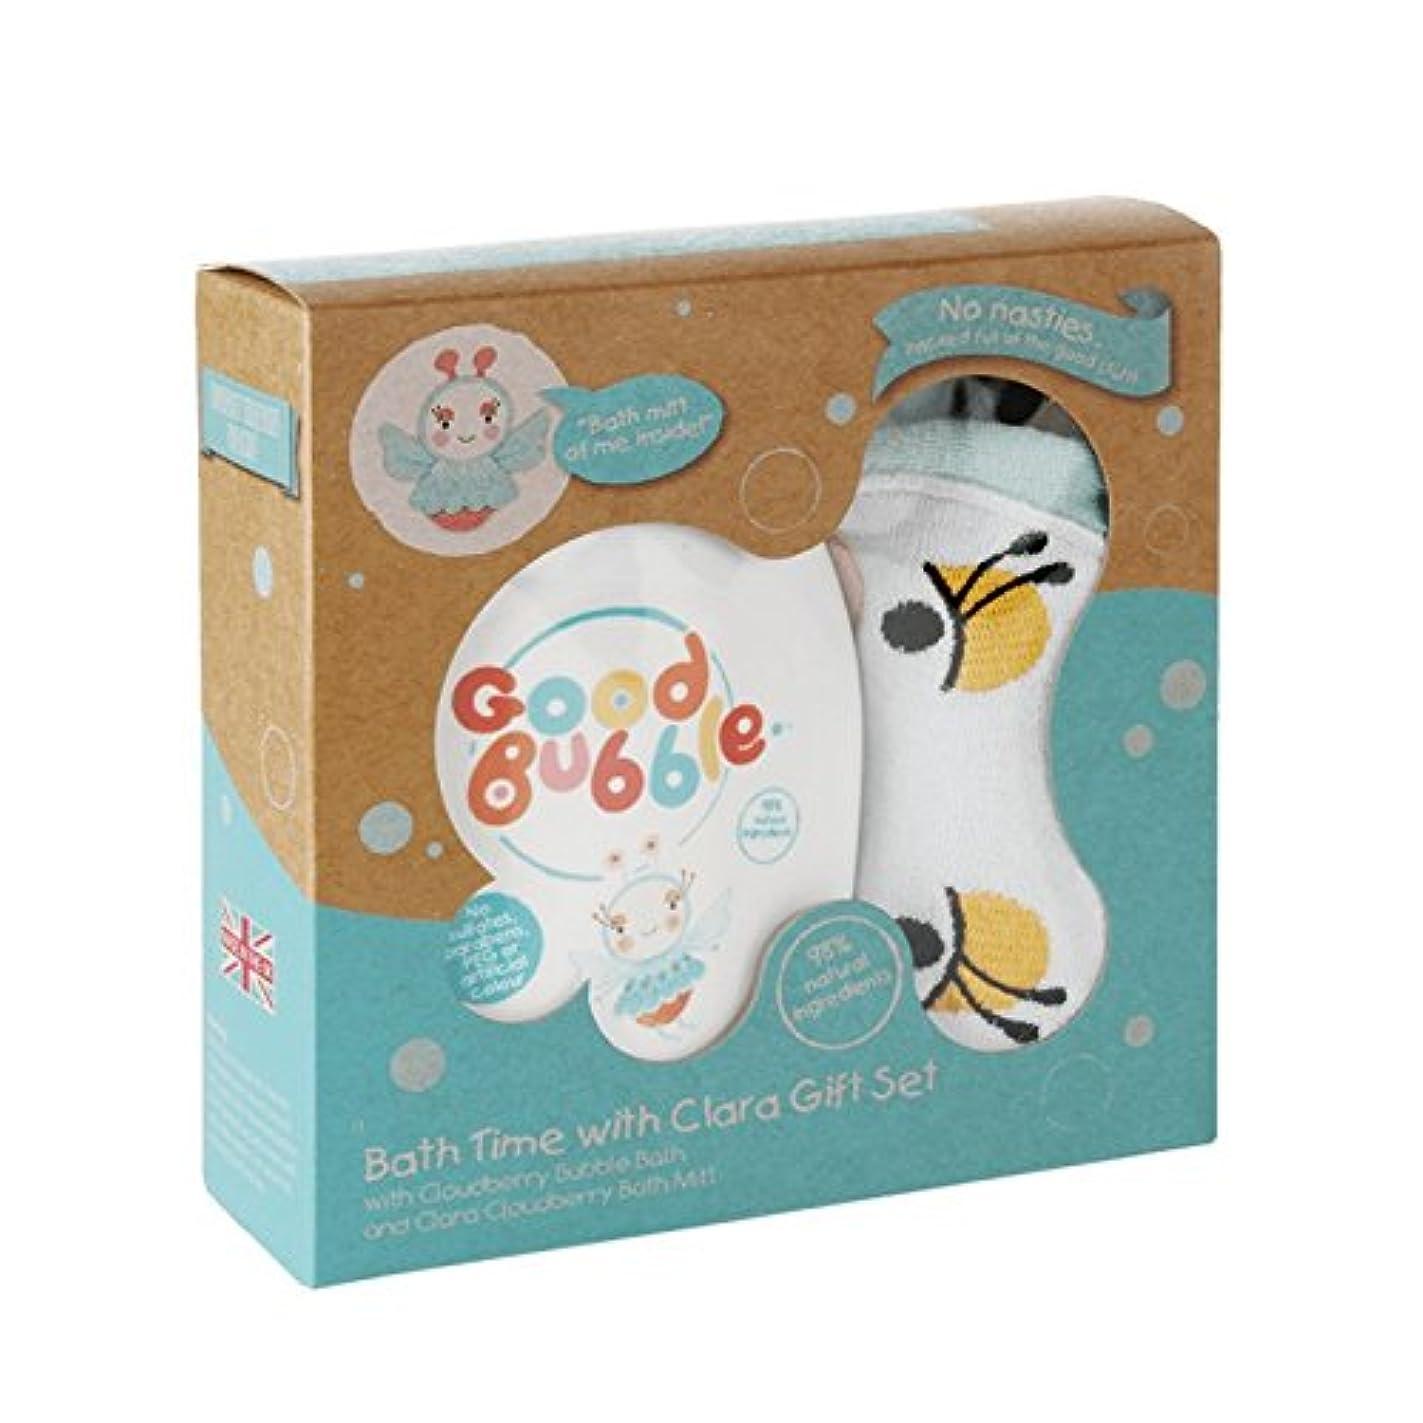 切り下げもつれベーリング海峡Good Bubble Clara Cloudberry Gift Set 550g (Pack of 6) - 良いバブルクララクラウドベリーギフトセット550グラム (x6) [並行輸入品]